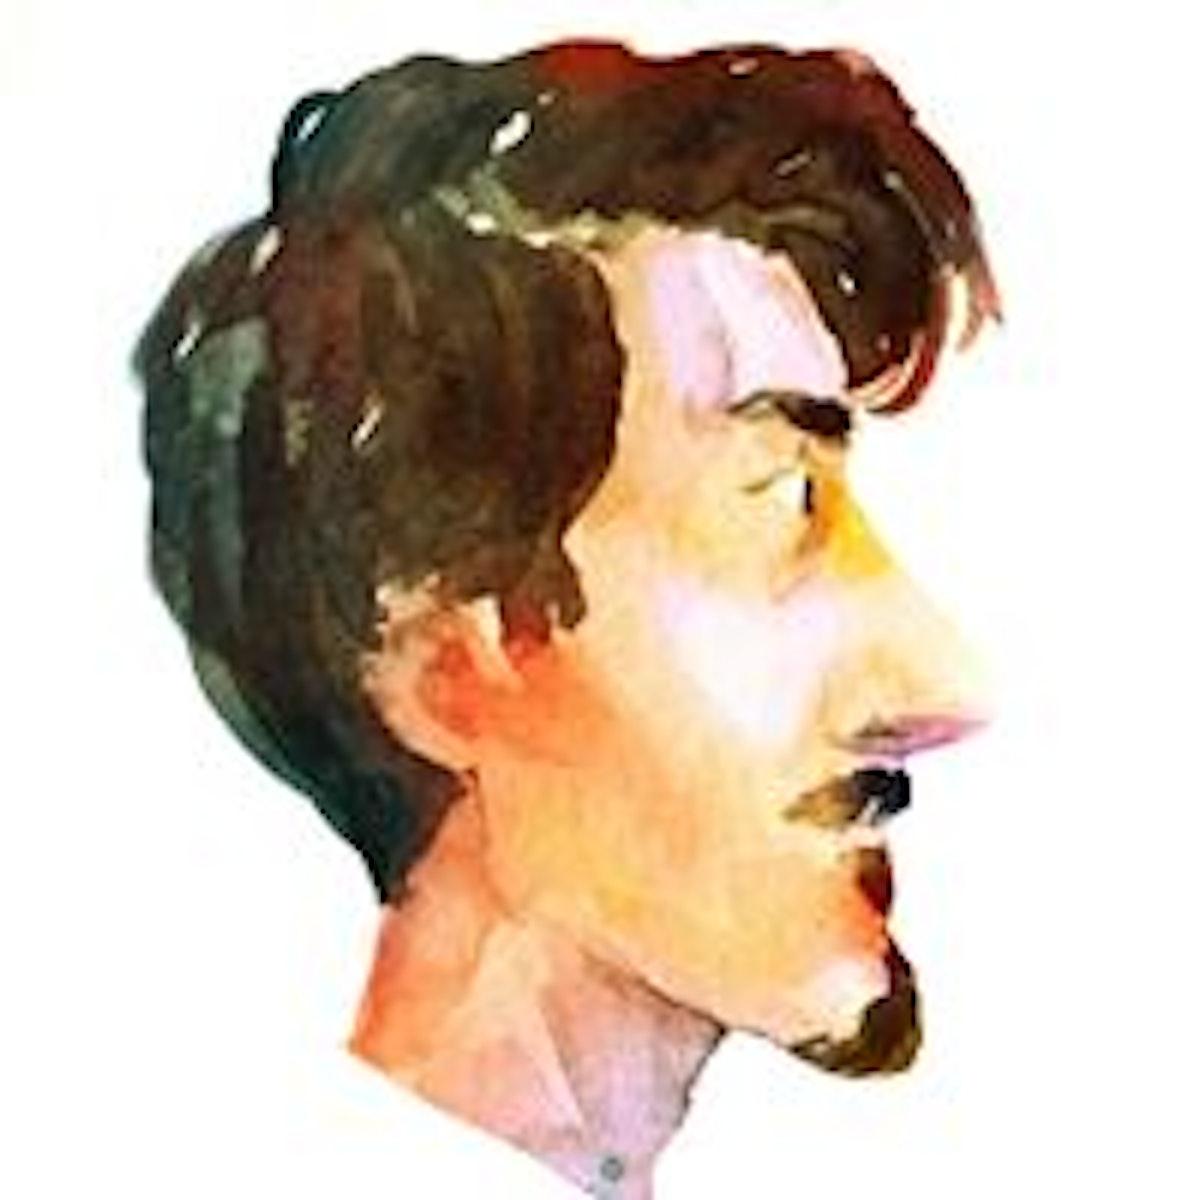 DAVIDE AURILIA ARTWORK